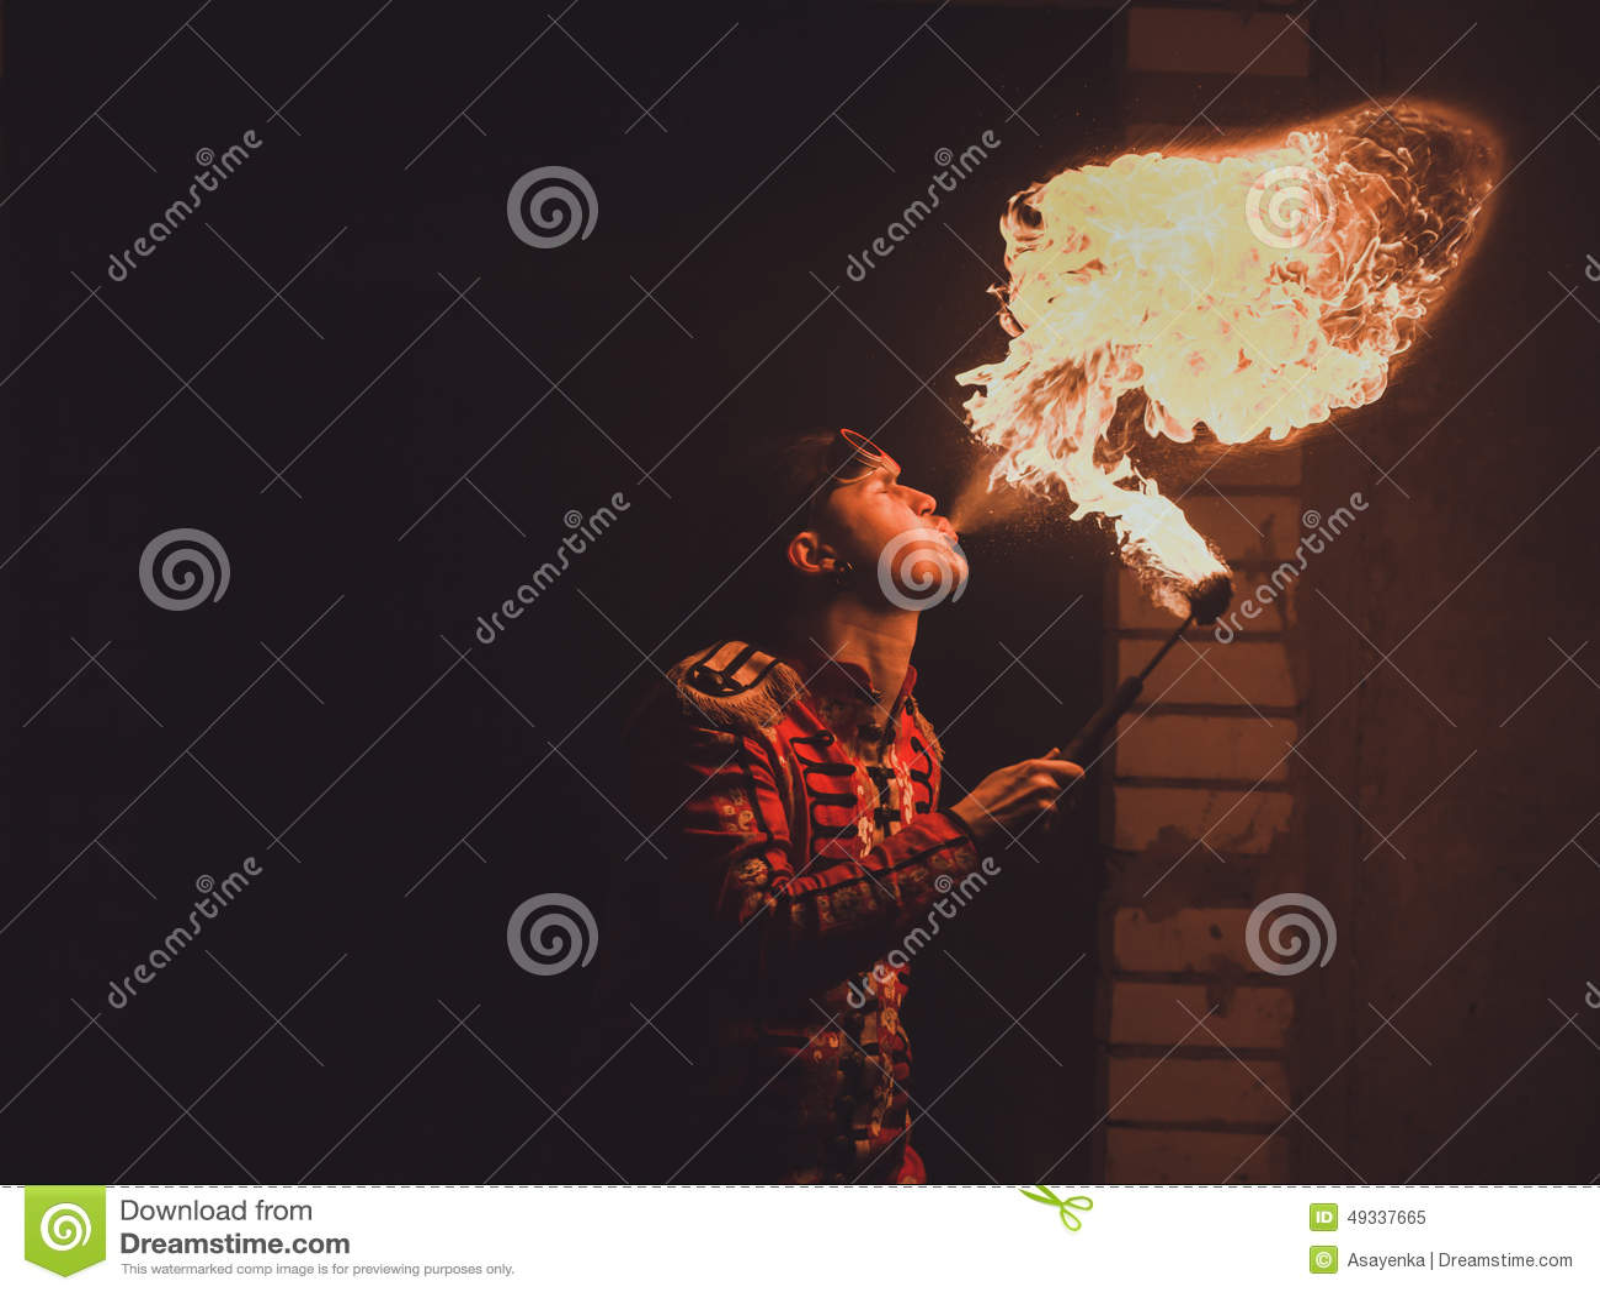 Художник выставки огня дышает огнем в темноте